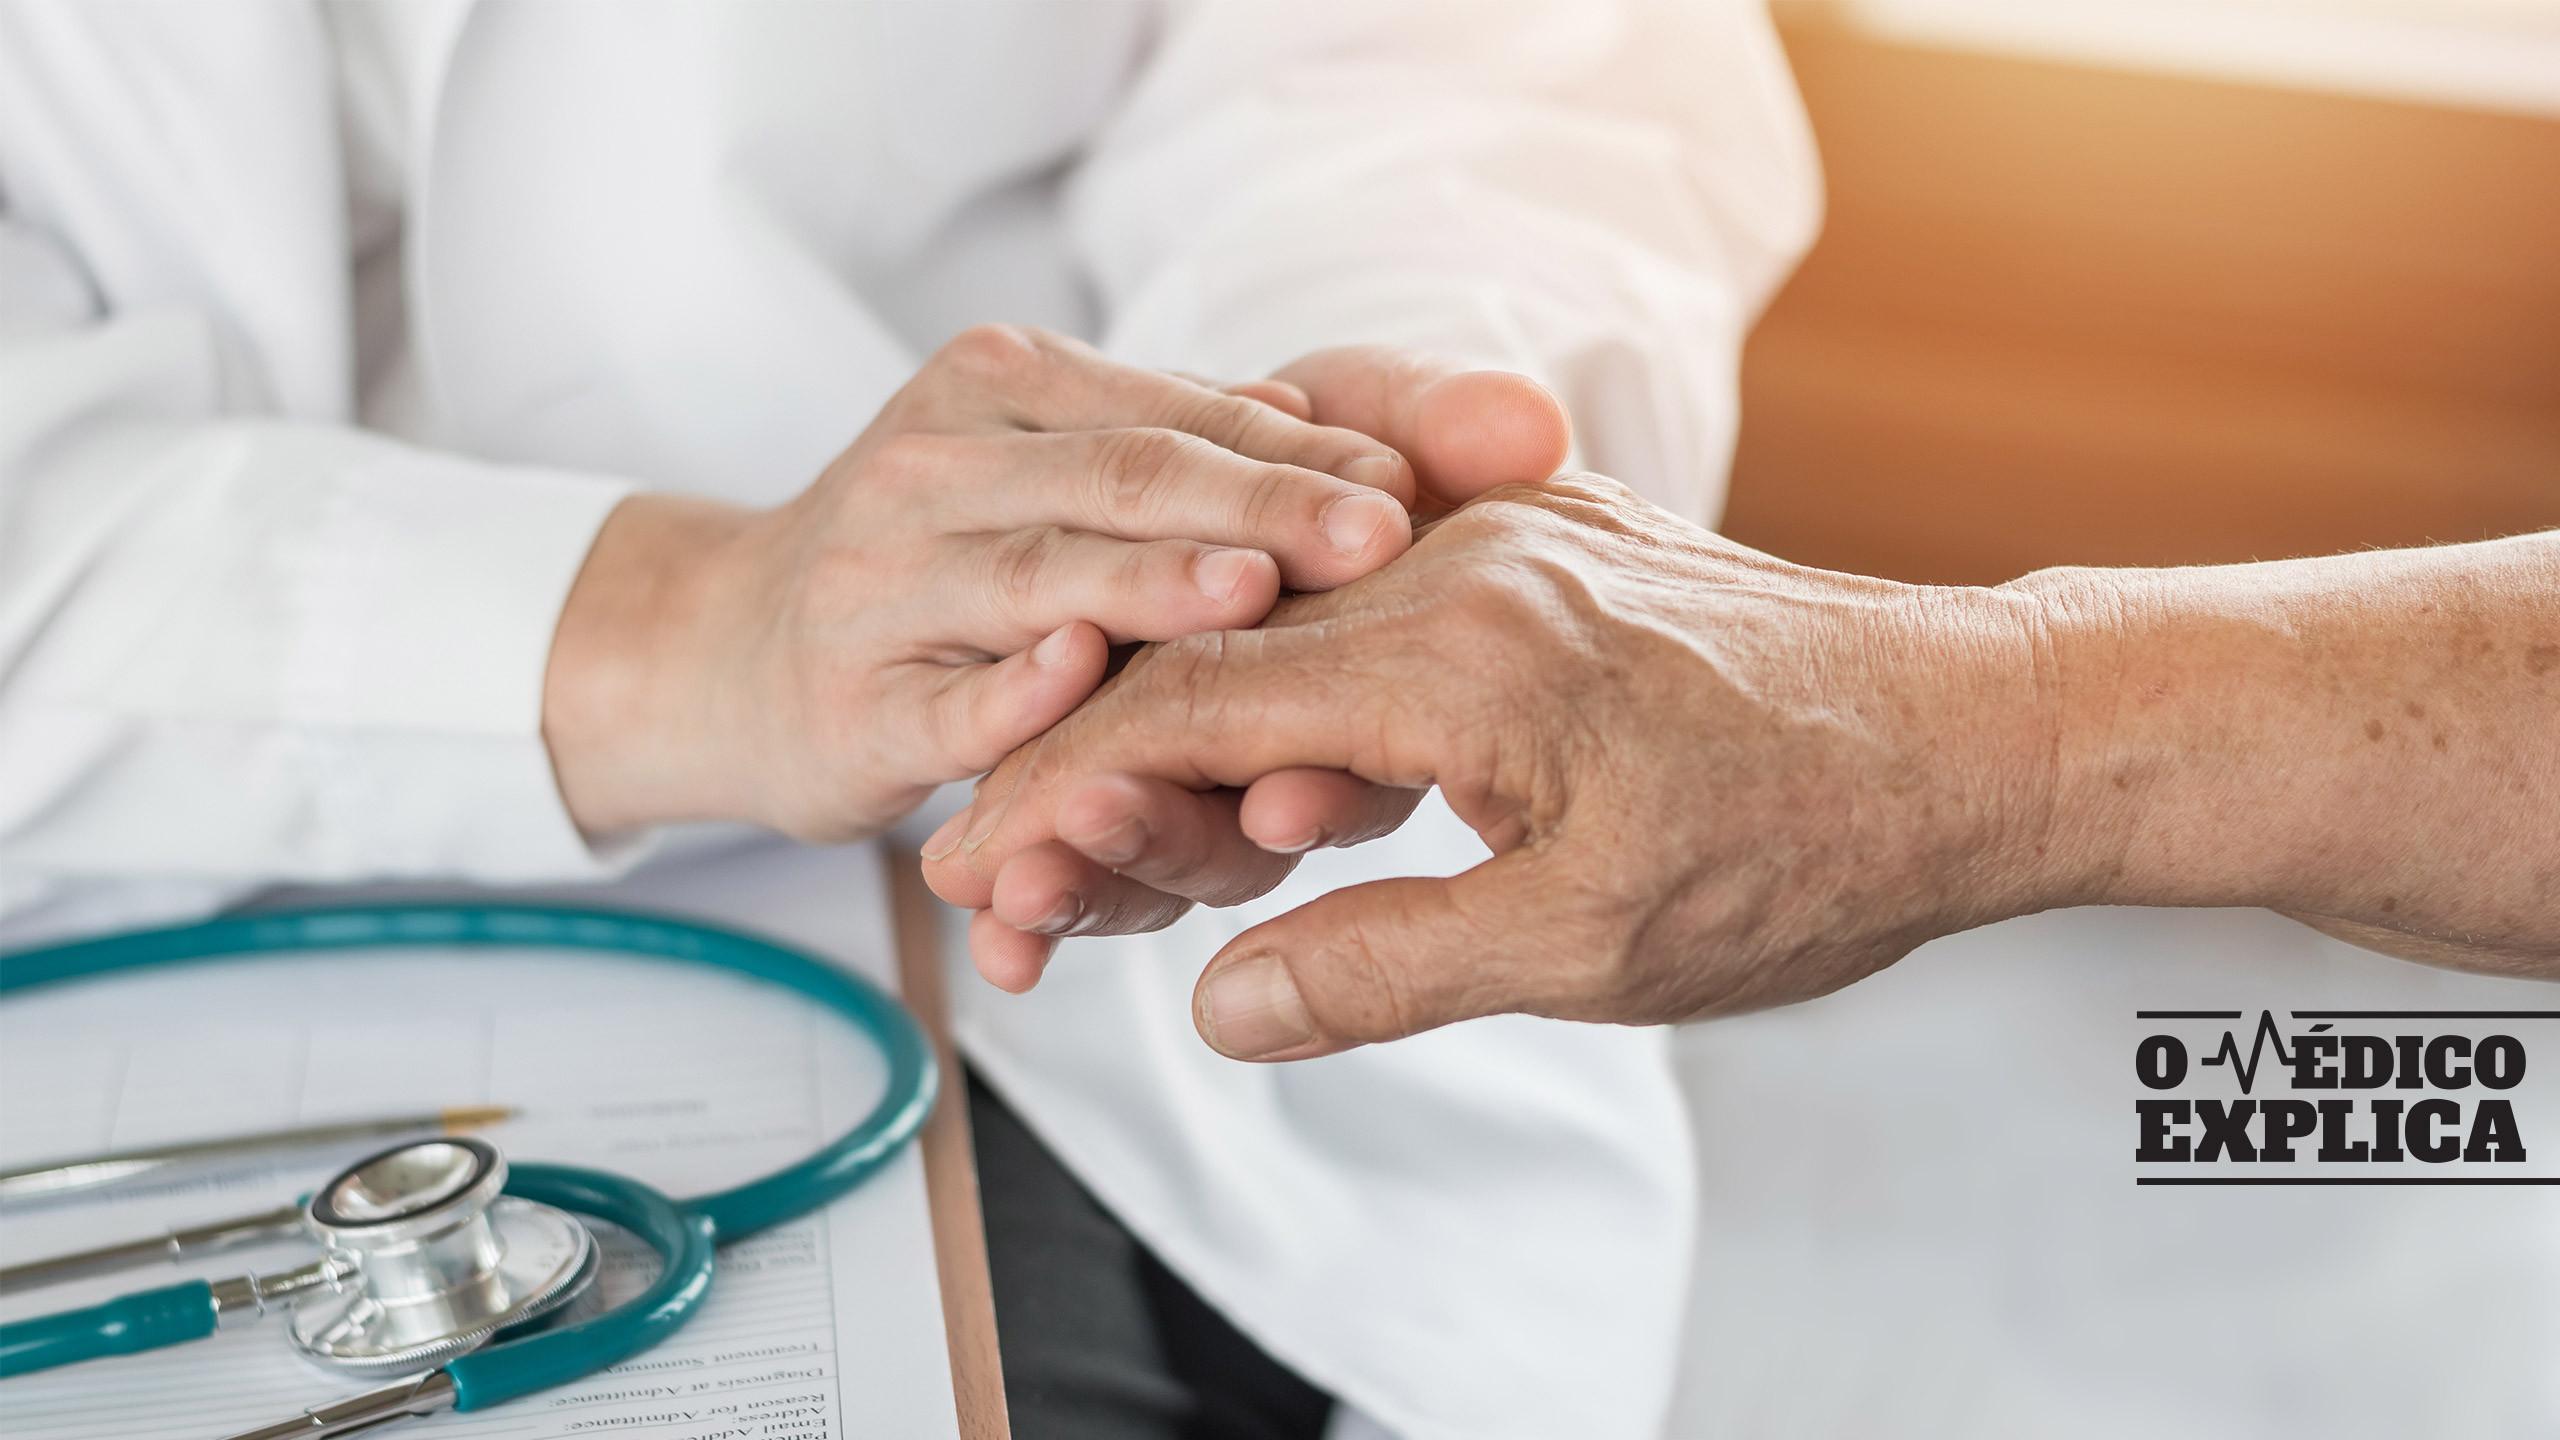 O médico explica: Tudo o que tem de saber sobre a Doença de Parkinson